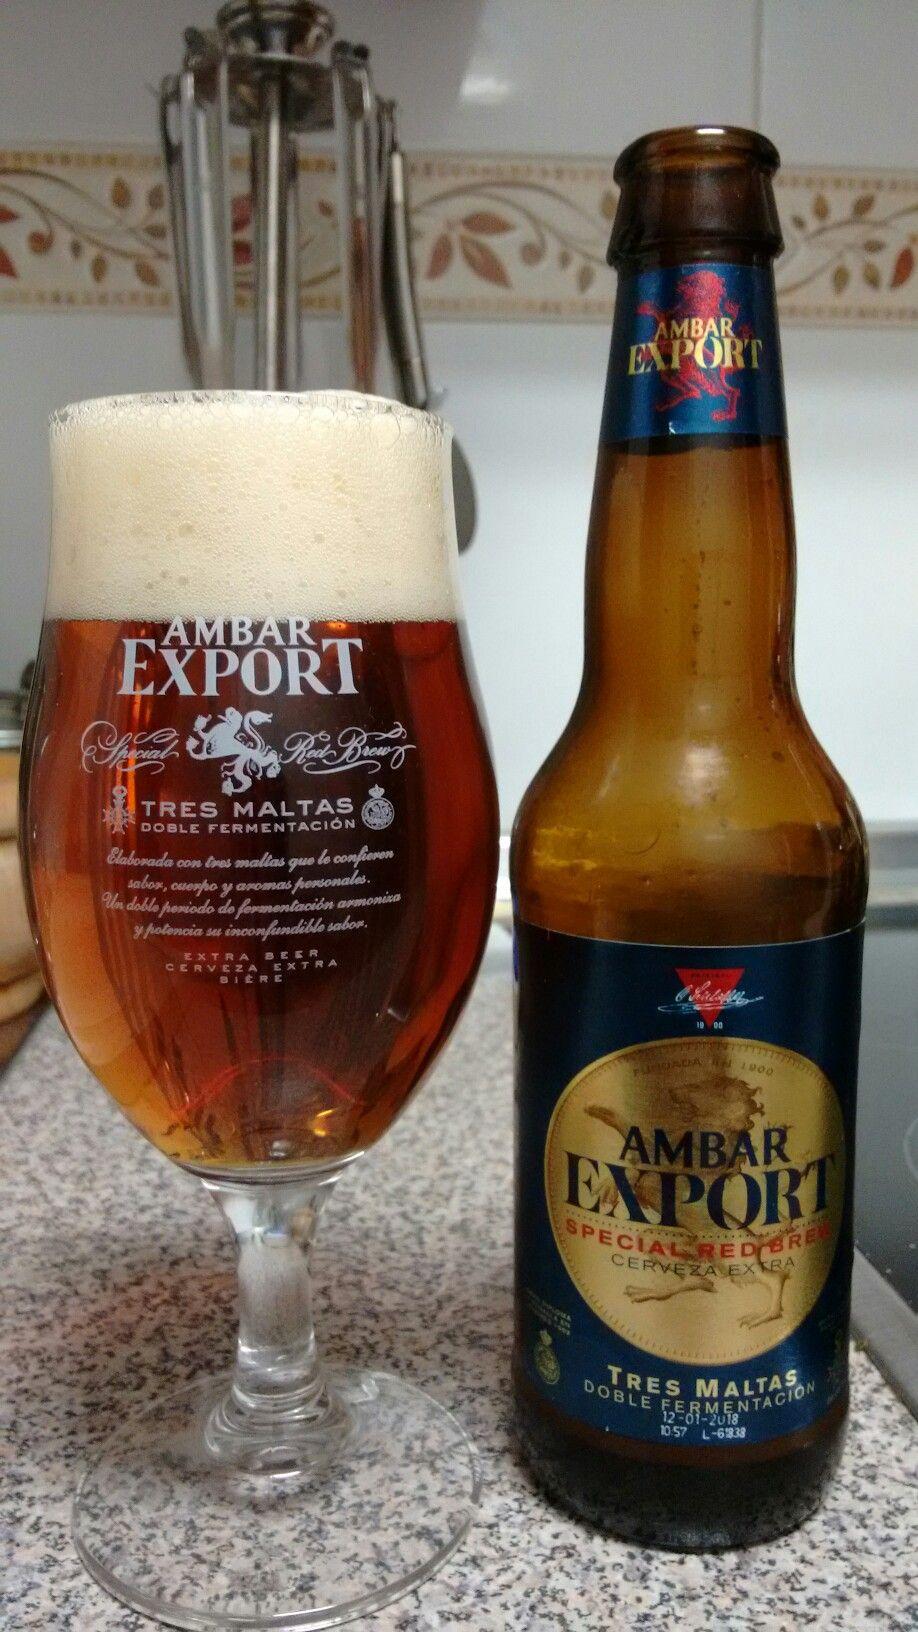 Ambar Export Invita A Disfrutar Sabores Y Aromas Cerveza